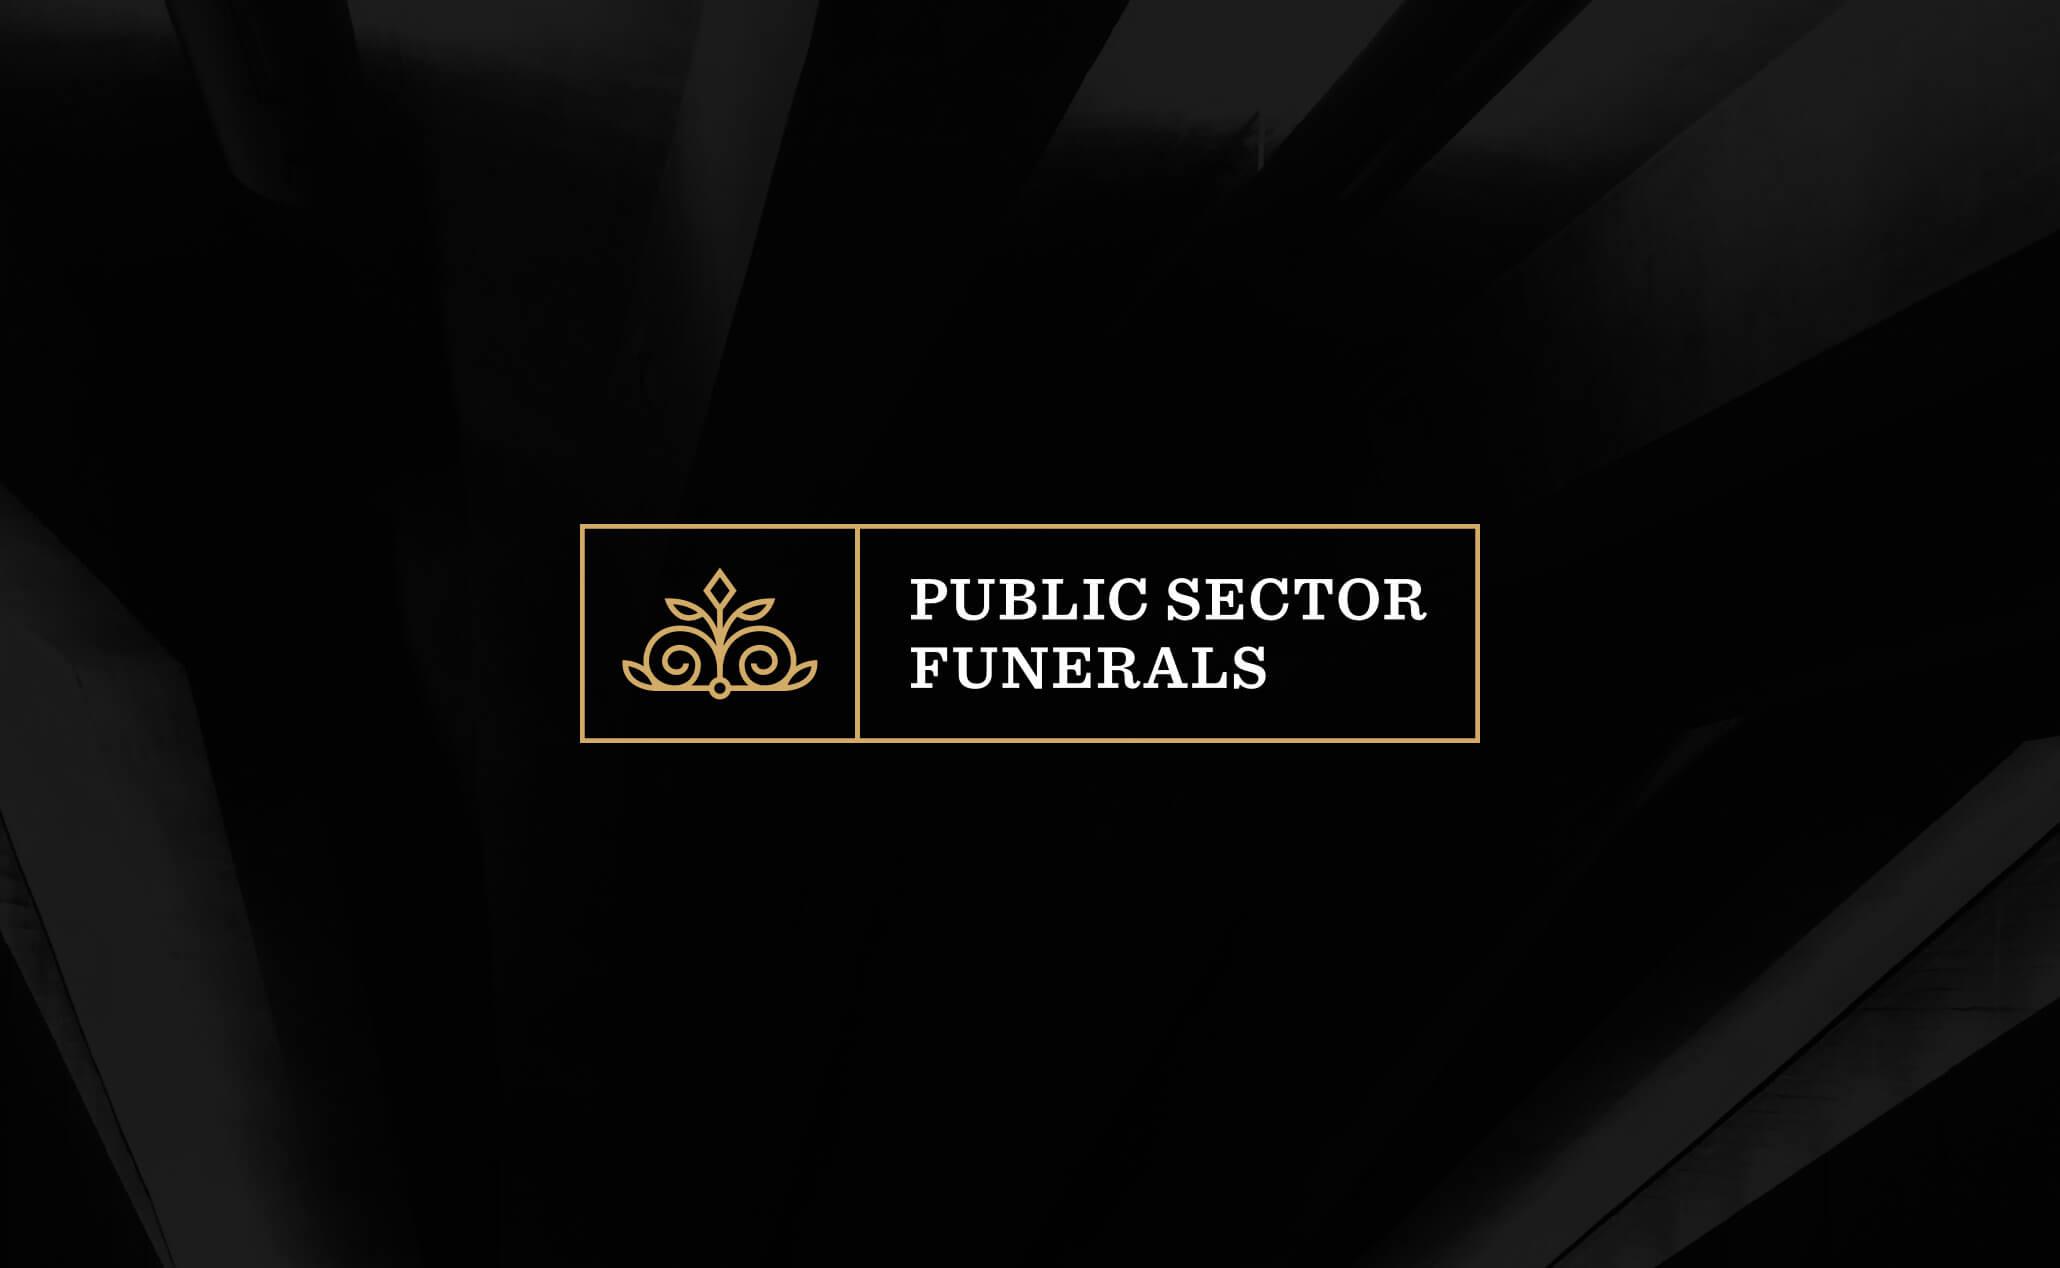 Public Sector Funerals logo